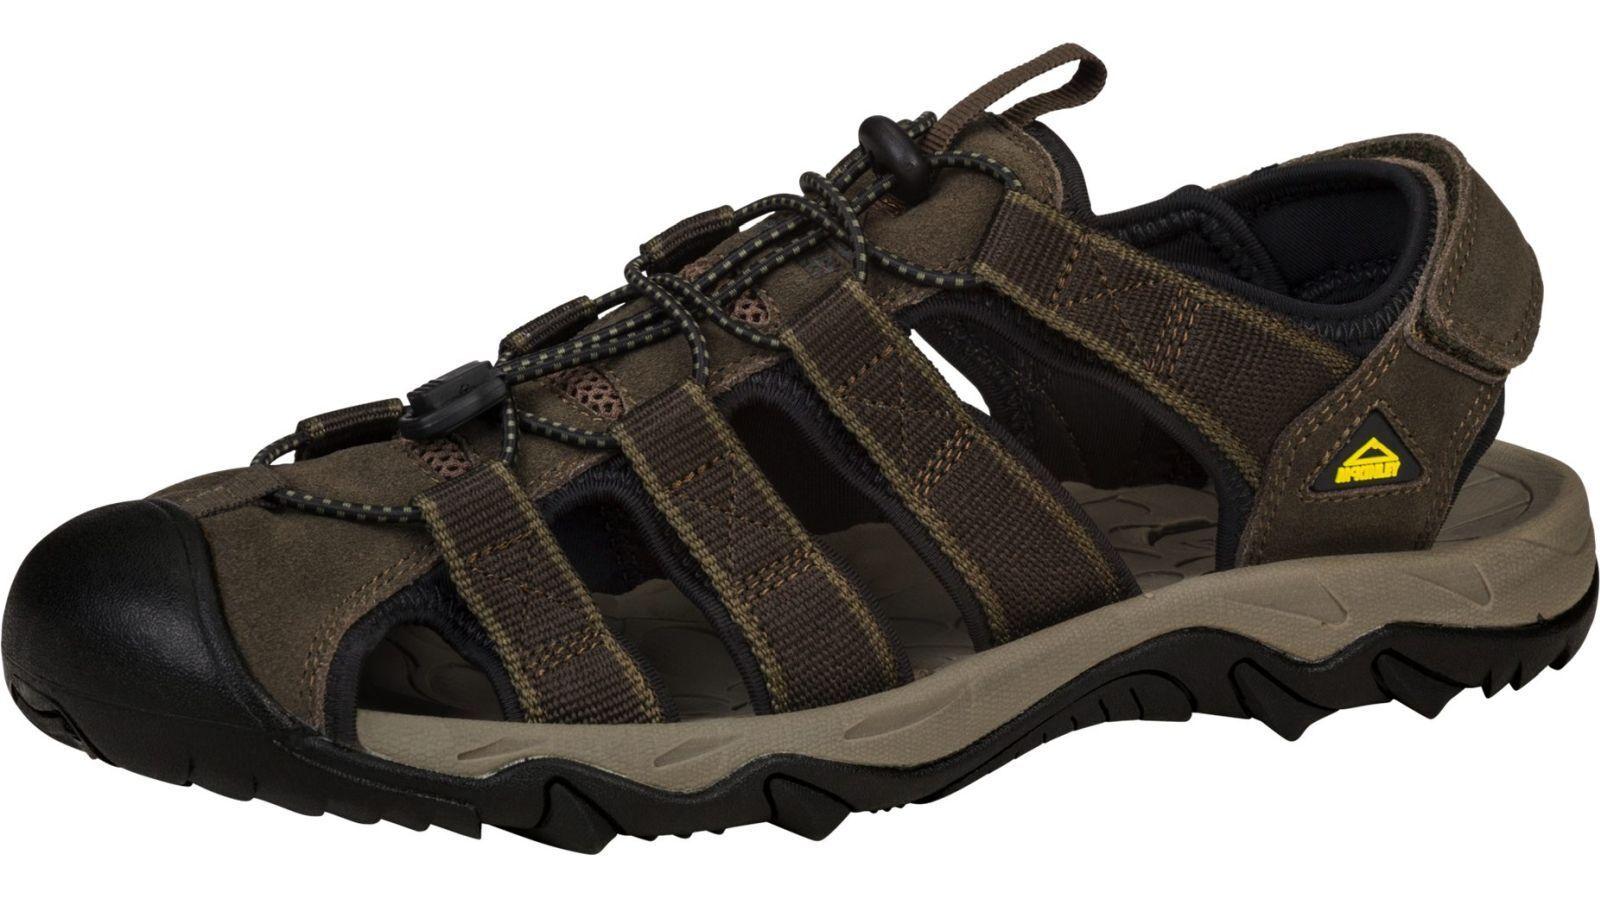 Sandali e scarpe per il mare da uomo McKINLEY uomo sandali da trekking CORFU Marrone